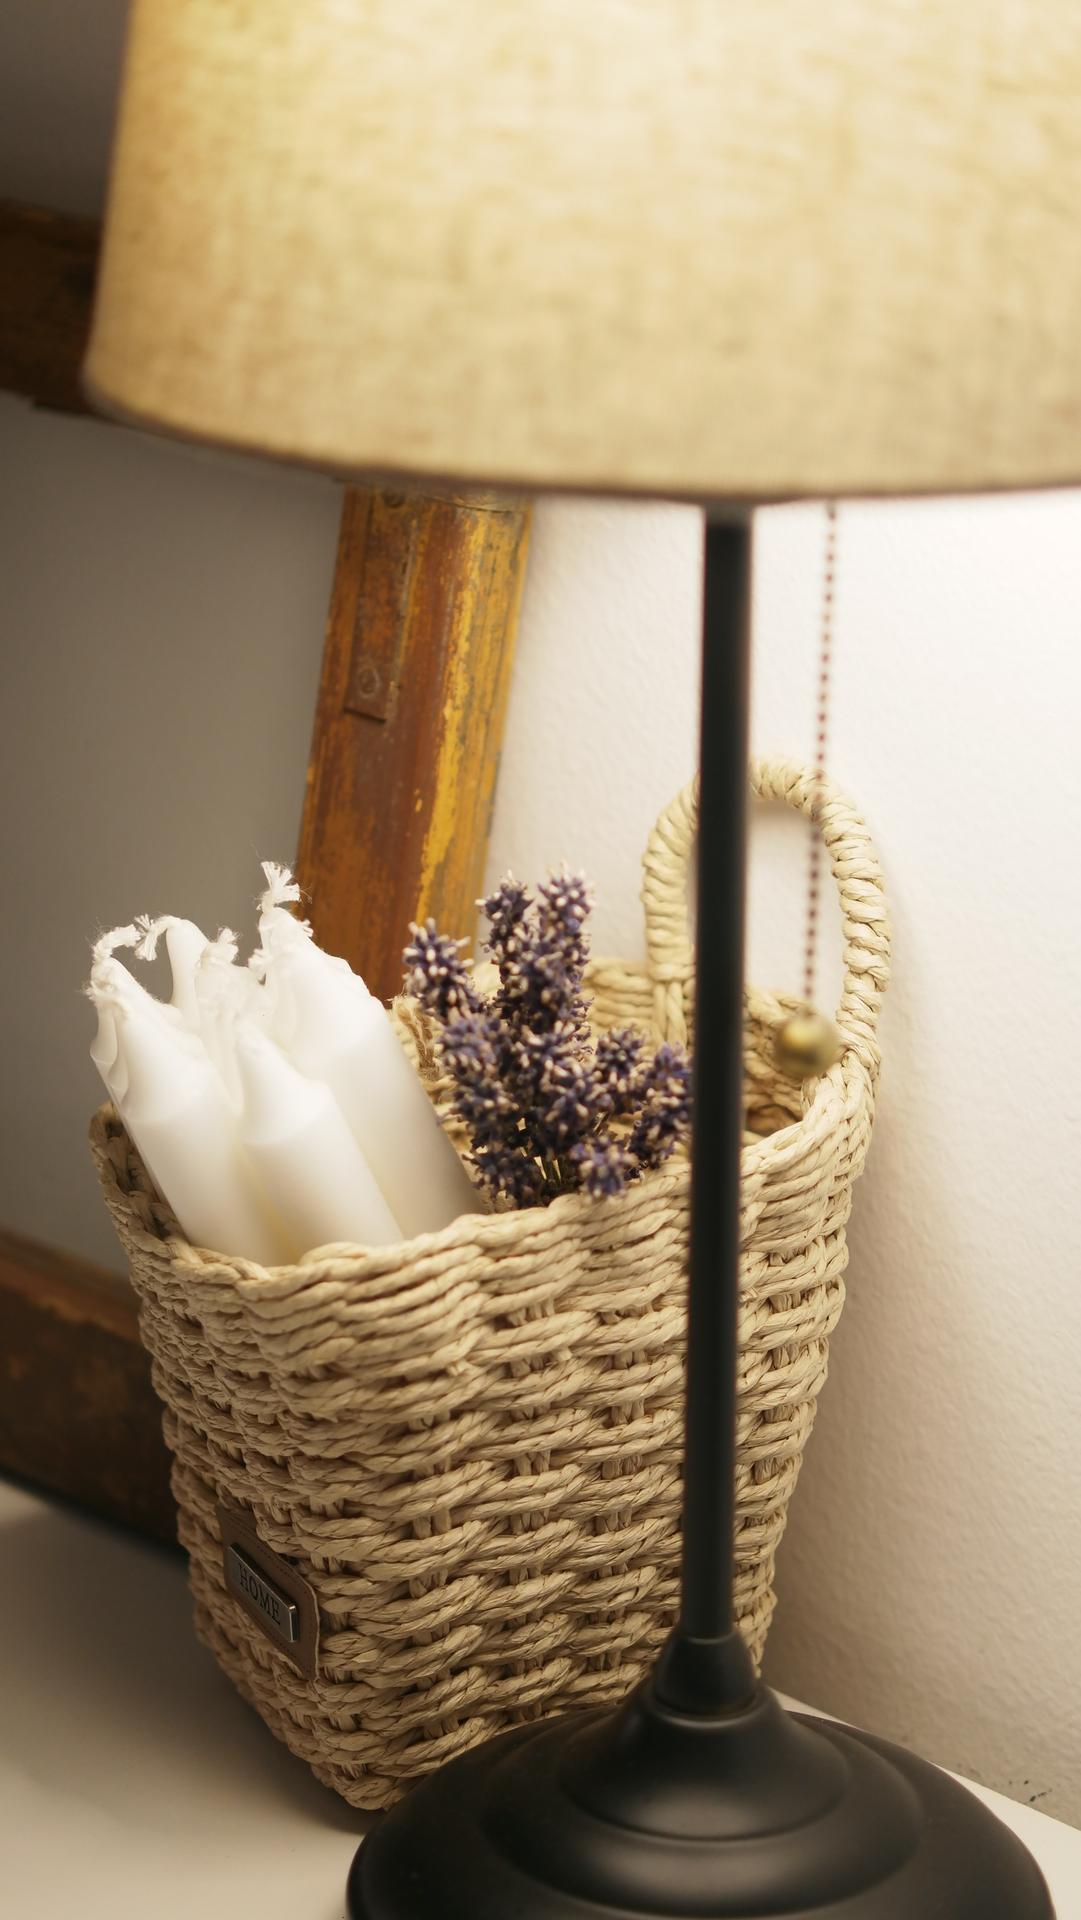 Náš domček ♡ Bramasole ♡ ... Stilo interiér aj exteriér 4. rok bývania - Obrázok č. 142